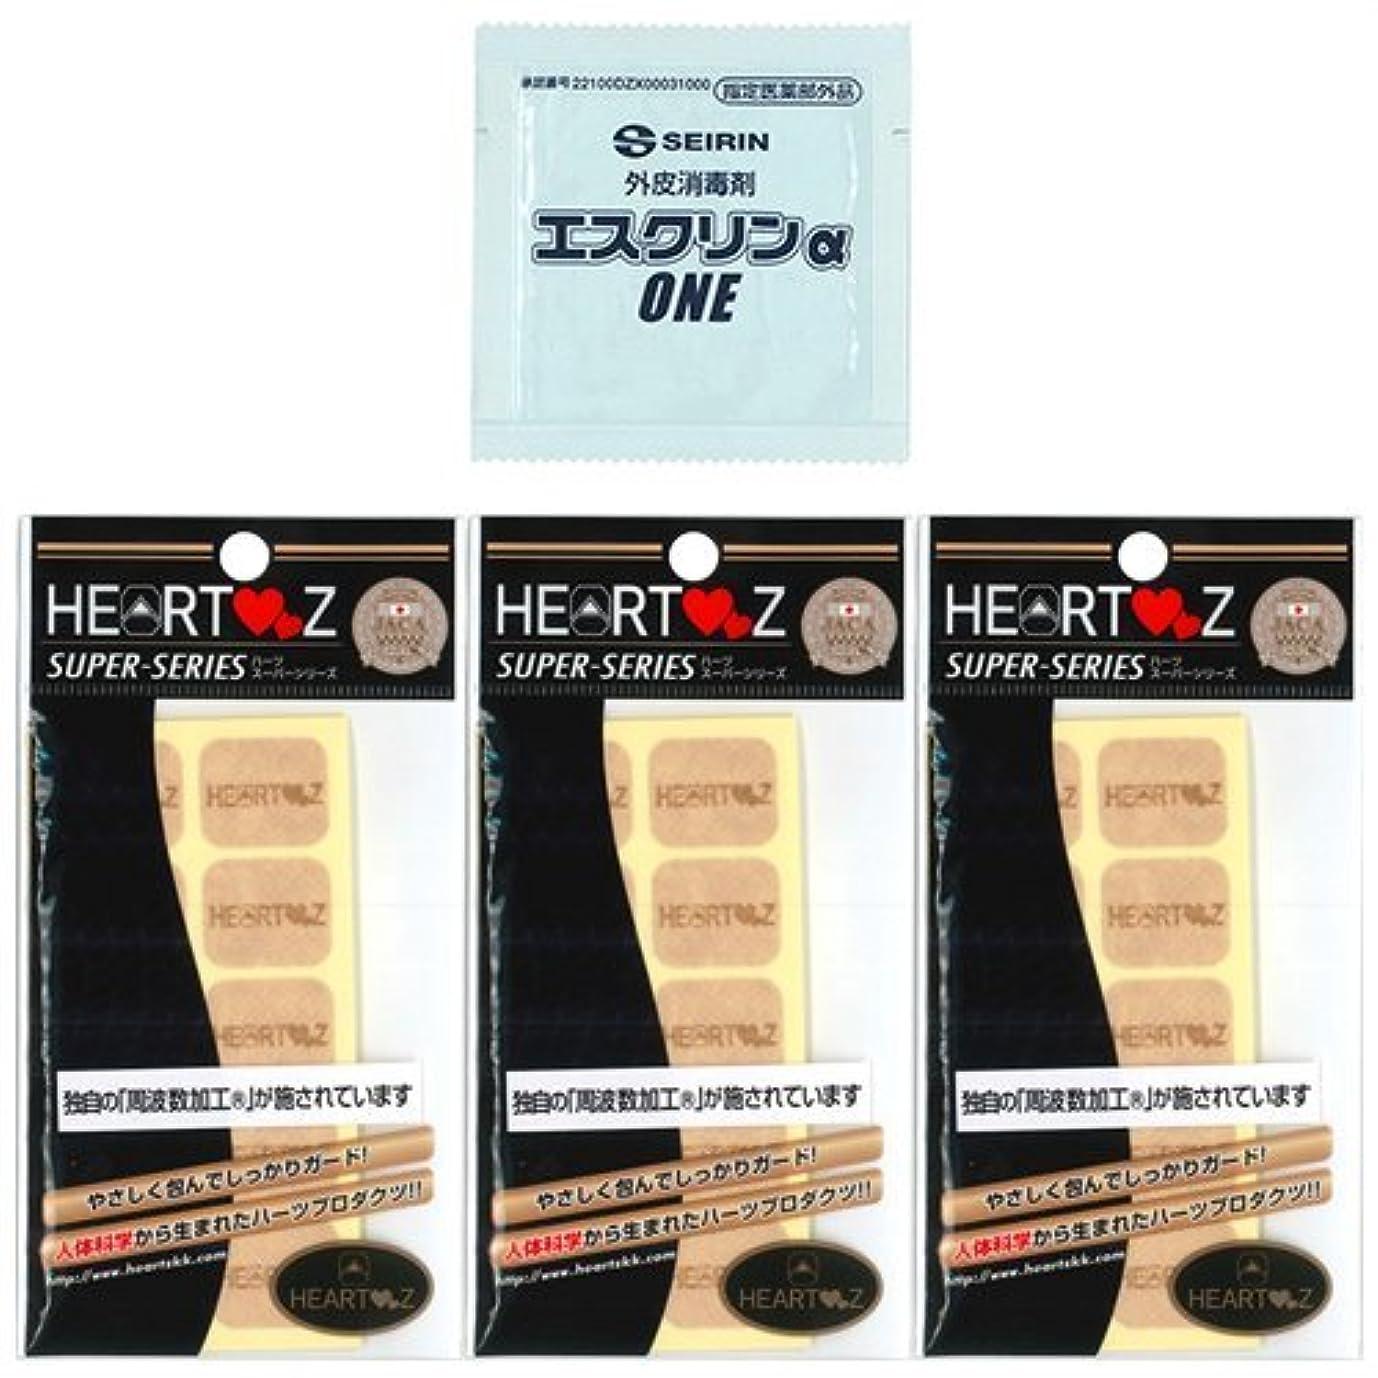 画面貢献する愛【HEARTZ(ハーツ)】ハーツスーパーシール レギュラータイプ 80枚入×3個セット (計240枚) + エスクリンαONEx1個 セット